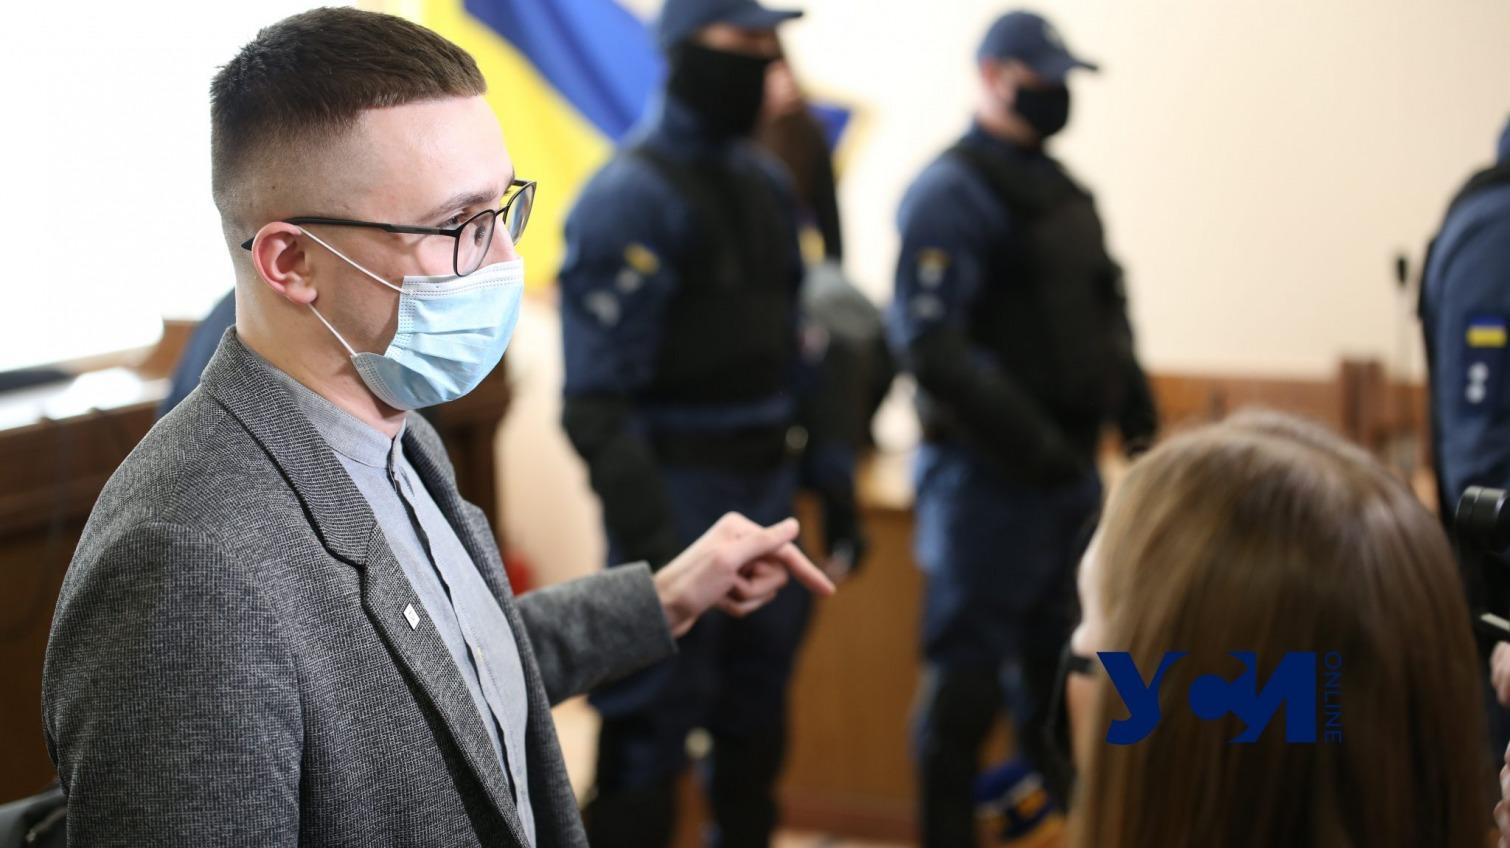 Прокурор рассказал, почему пострадавший в деле Стерненко не являлся в суд (видео) «фото»